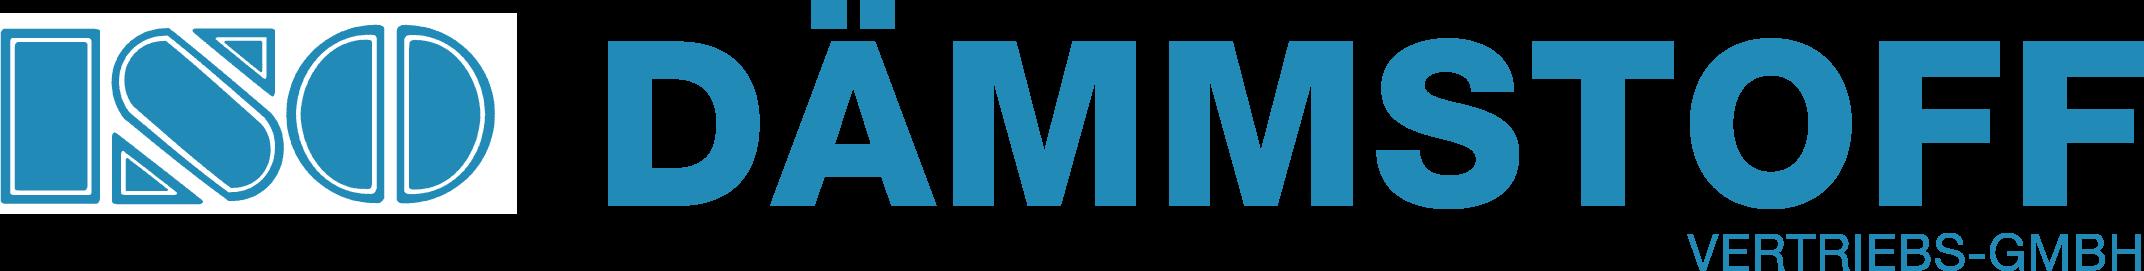 ISO Dämmstoff-Vertriebs-GmbH